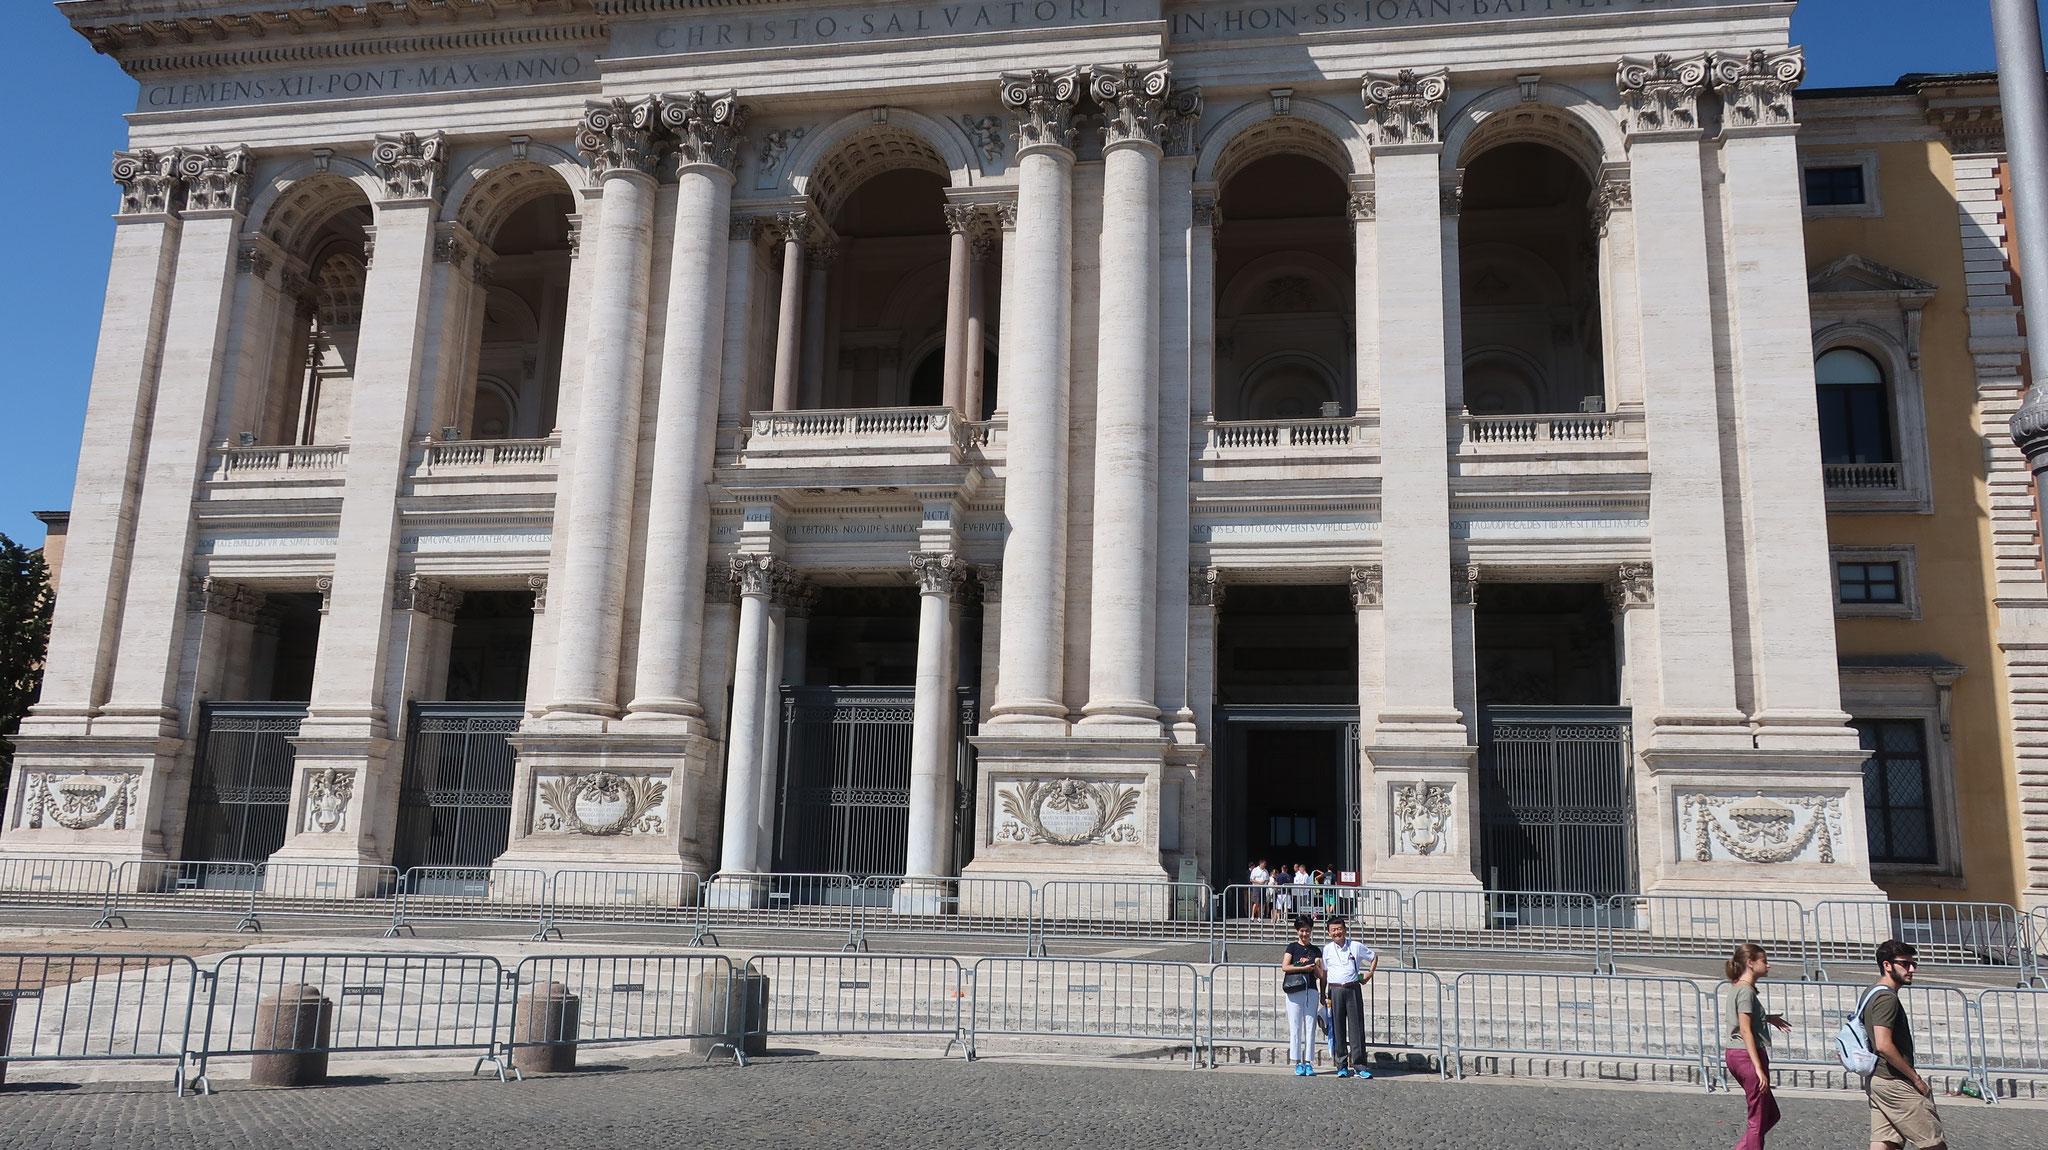 ローマで、そして世界で、最も重要で由緒ある教会。教皇庁がヴアティカンに移るまで、長い間カトリック教会の中心的存在でした。人物と比較すると大きさが判ります。